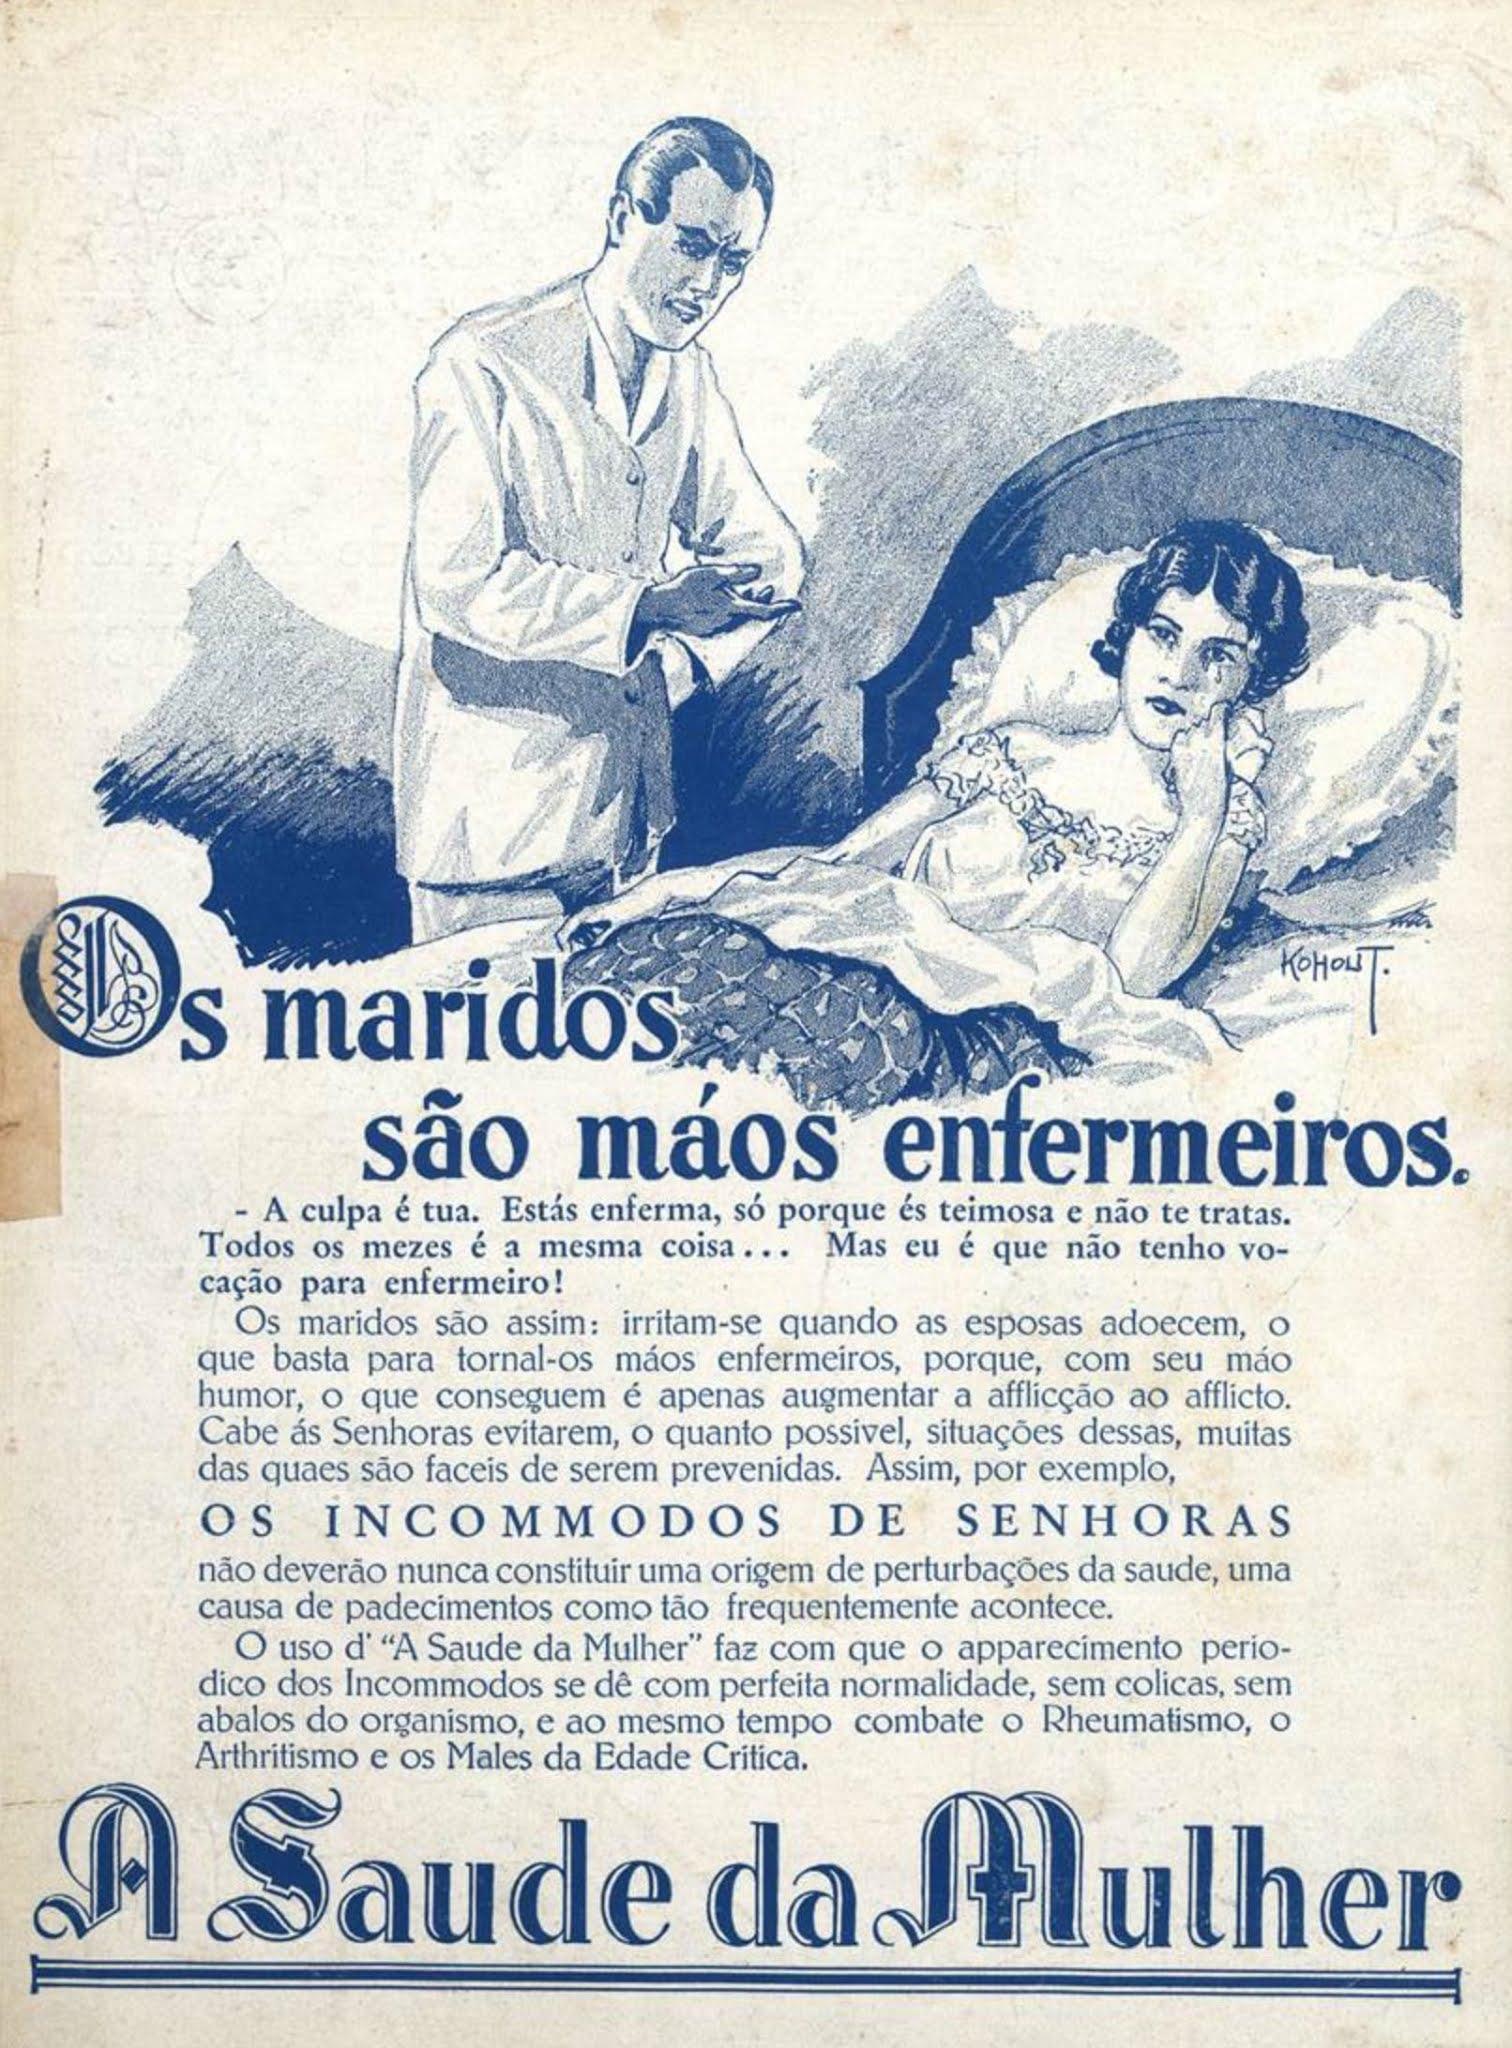 Anúncio antigo do medicamento Saúde da Mulher veiculado em 1931